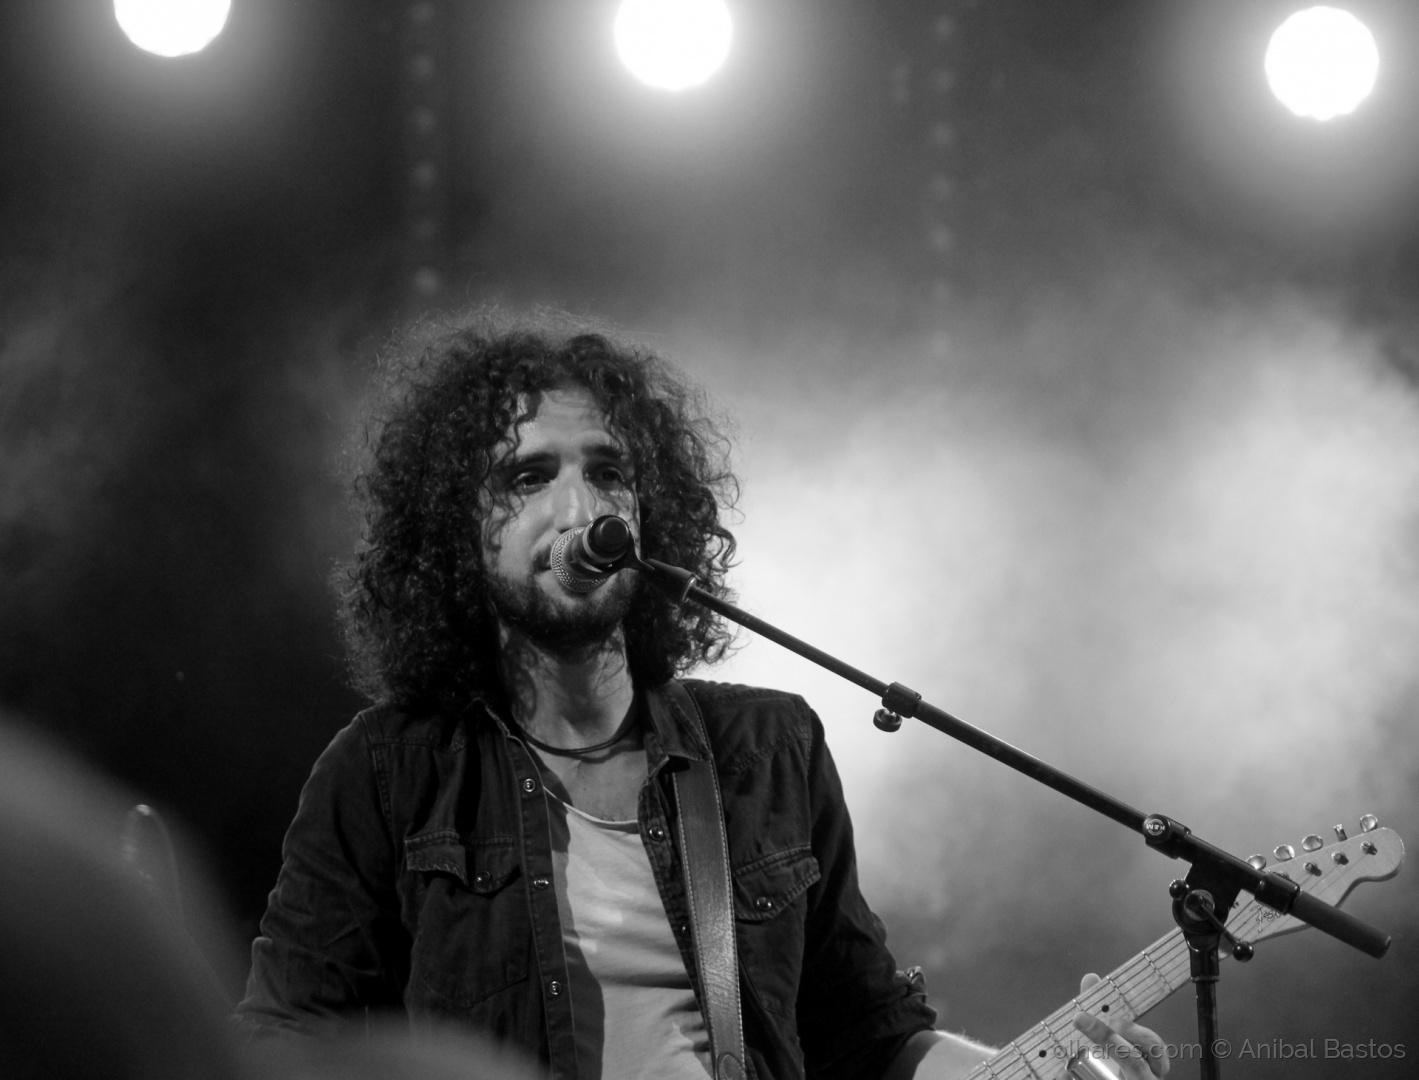 Fotojornalismo/Vitor Bacalhau